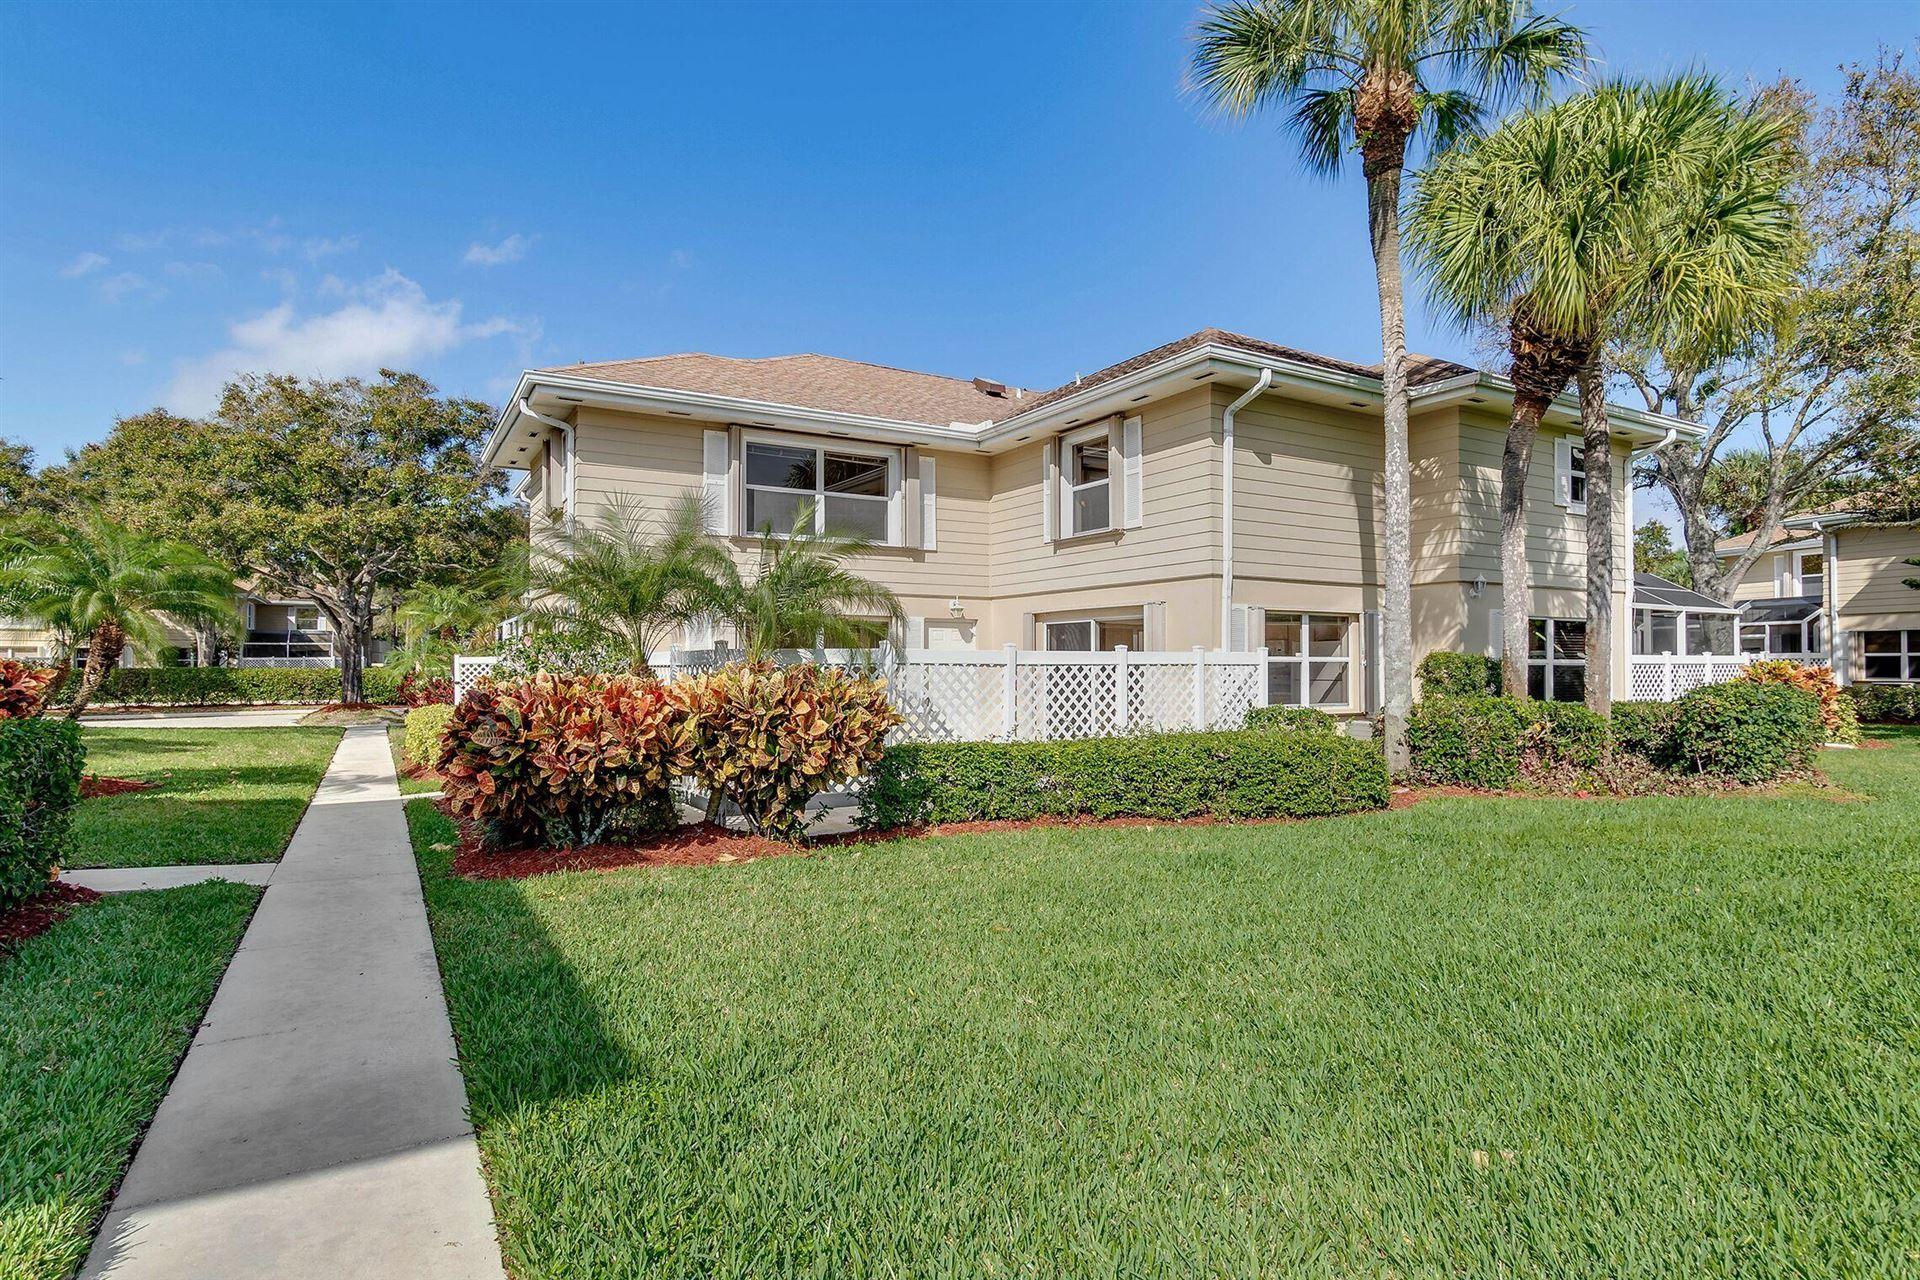 3104 Hayden Court, Boynton Beach, FL 33436 - #: RX-10603297